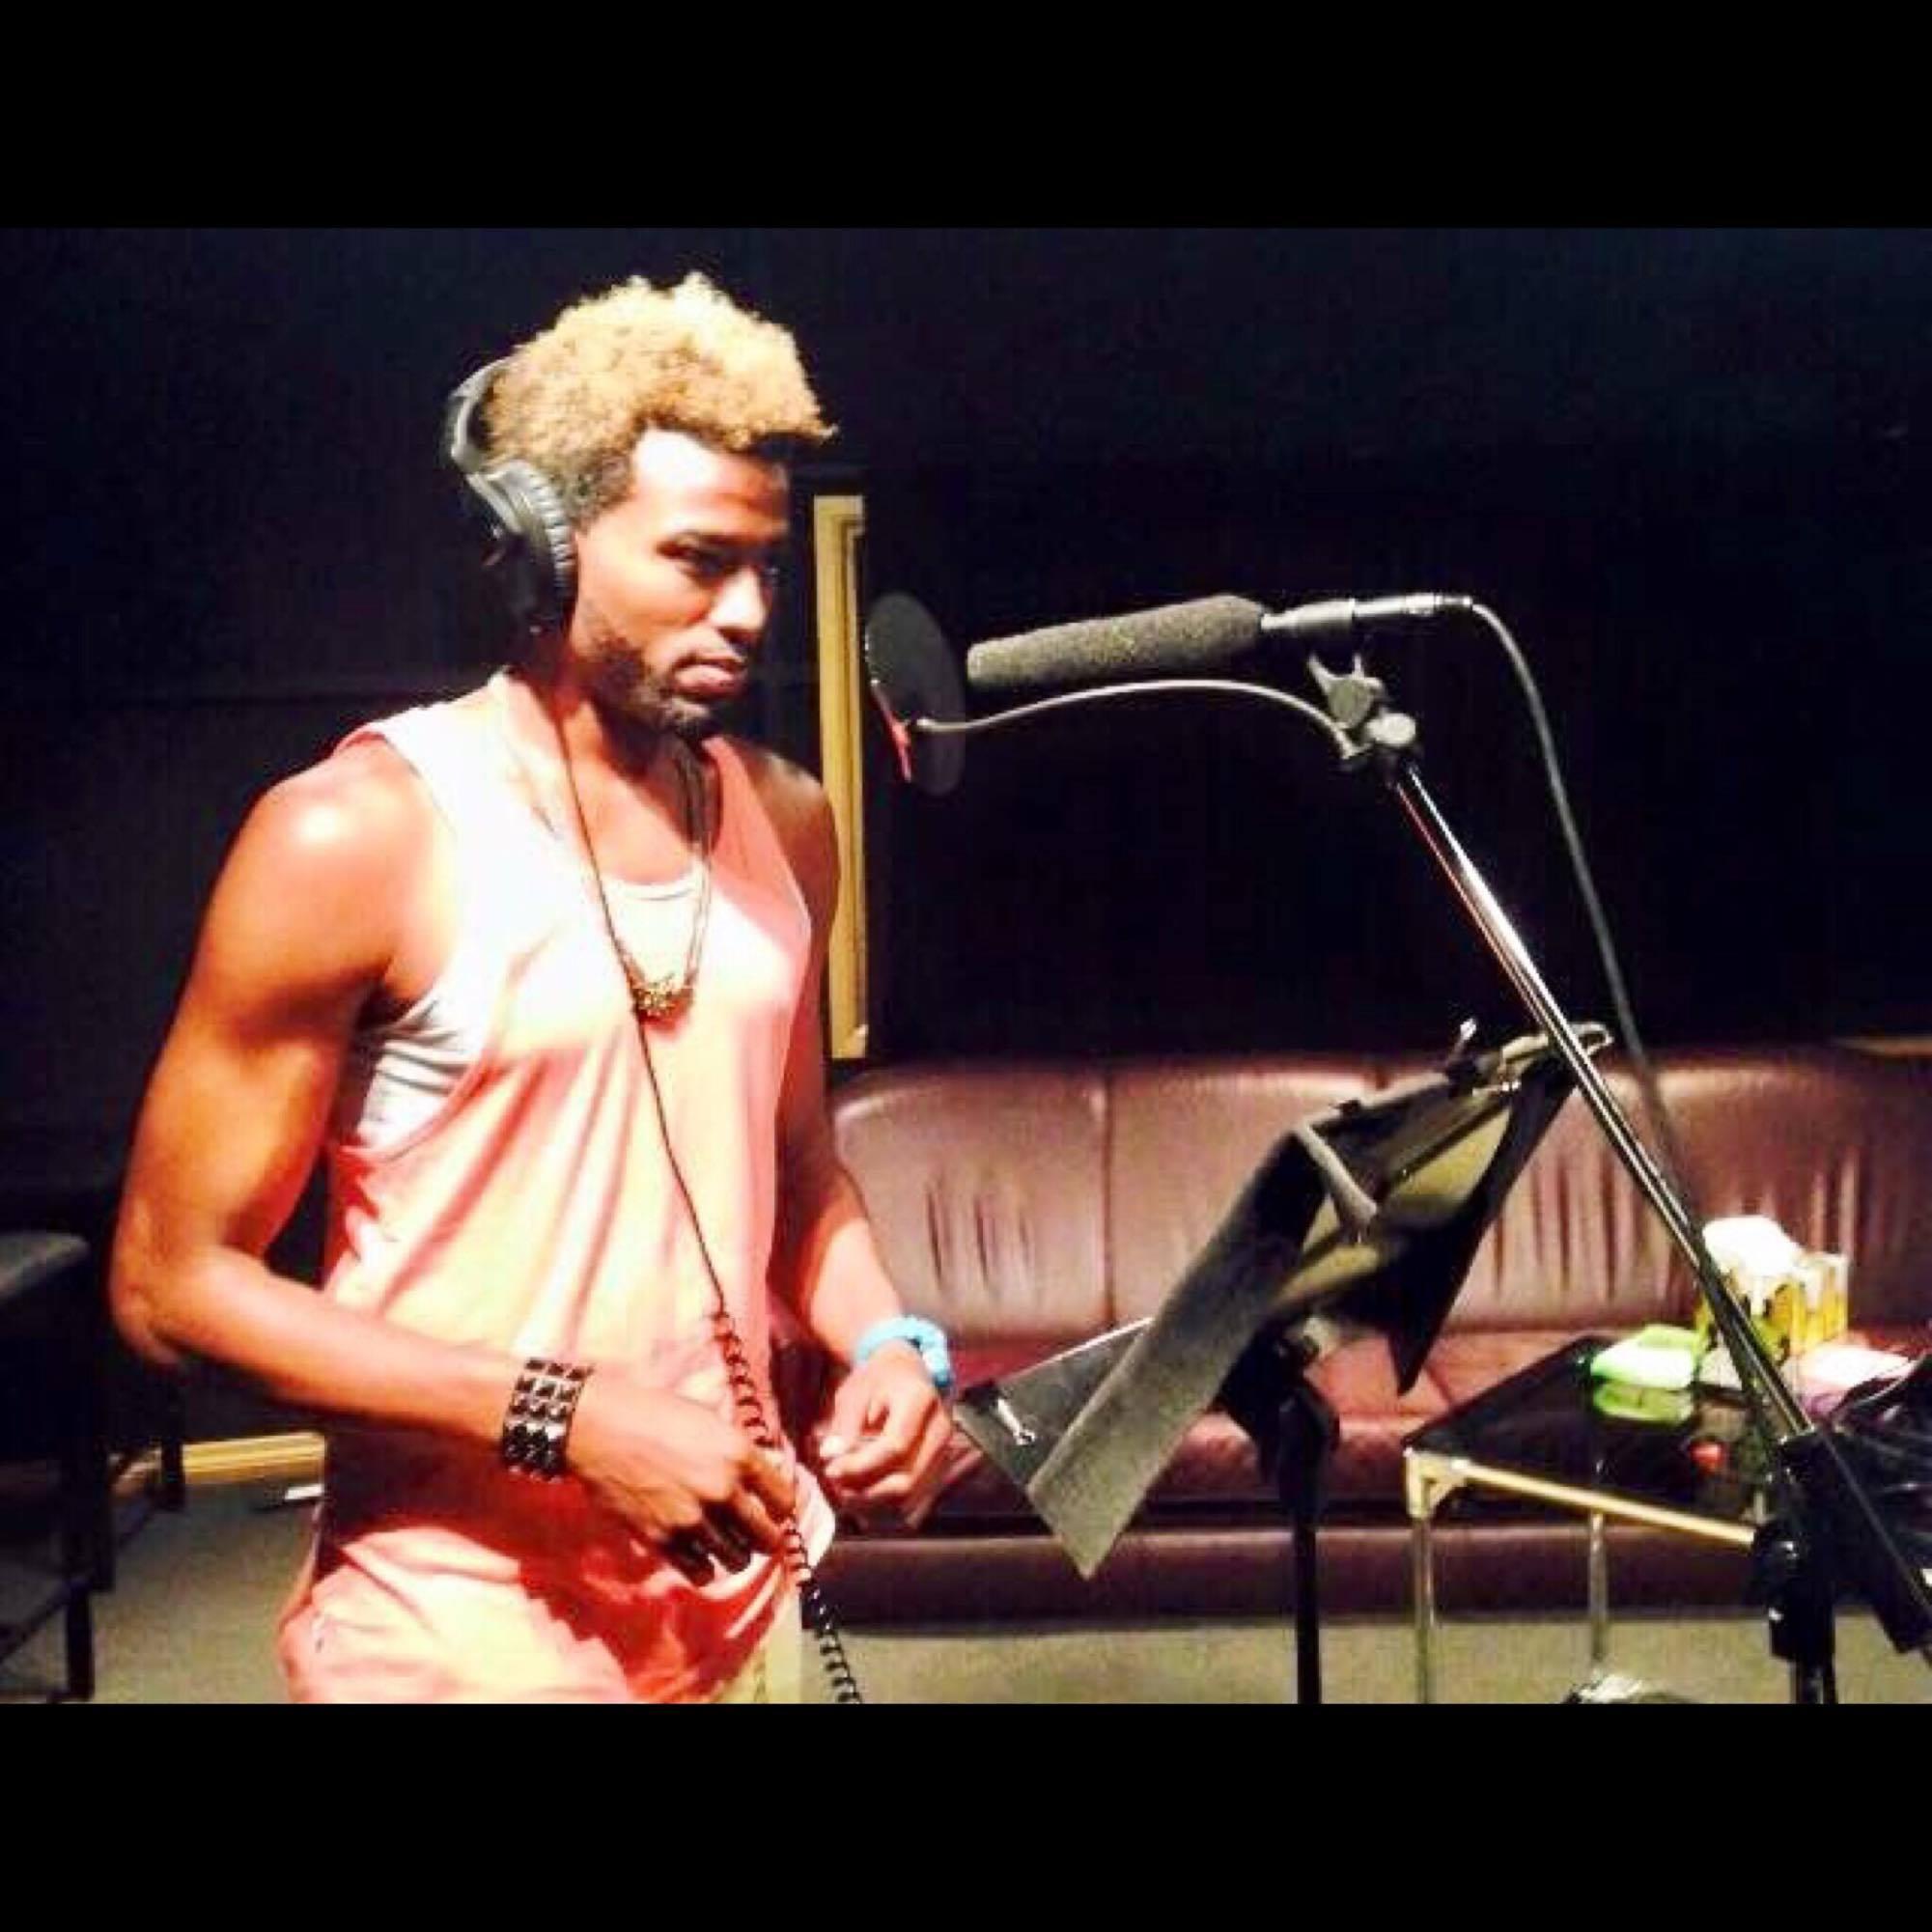 Kelvin Taylor performing in studio